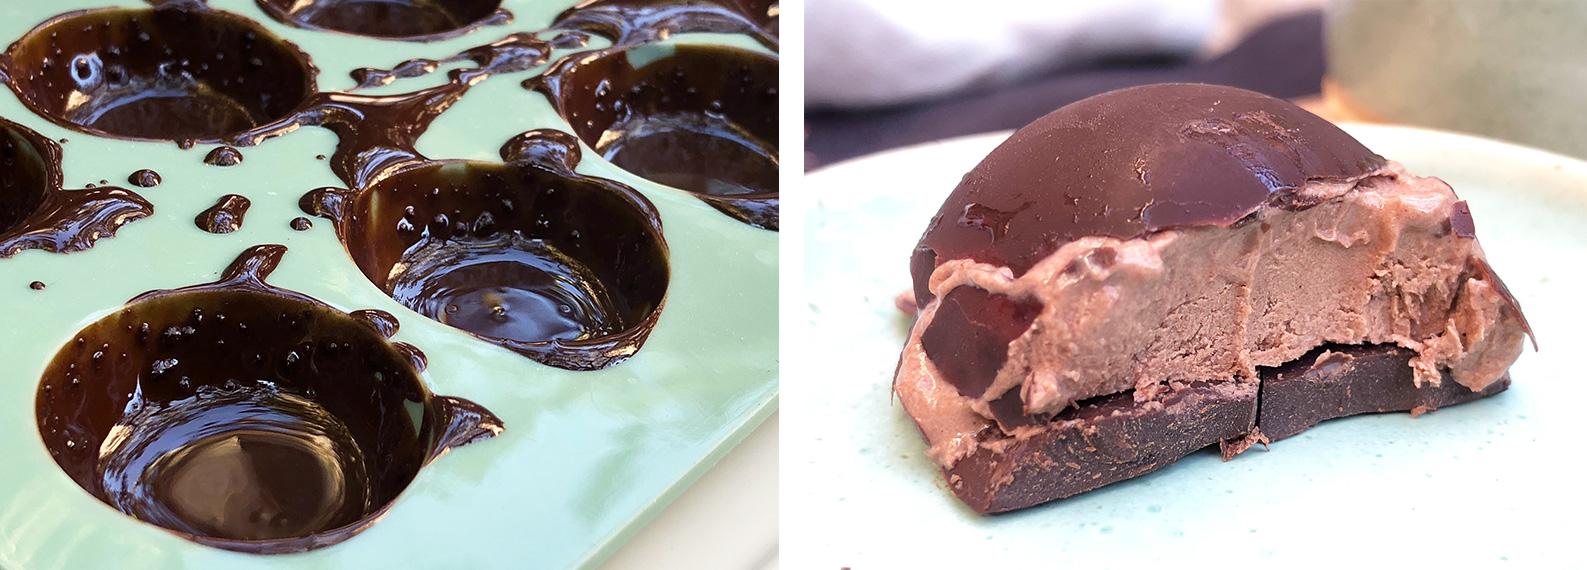 Frosne moccakuler med mørk sjokolade